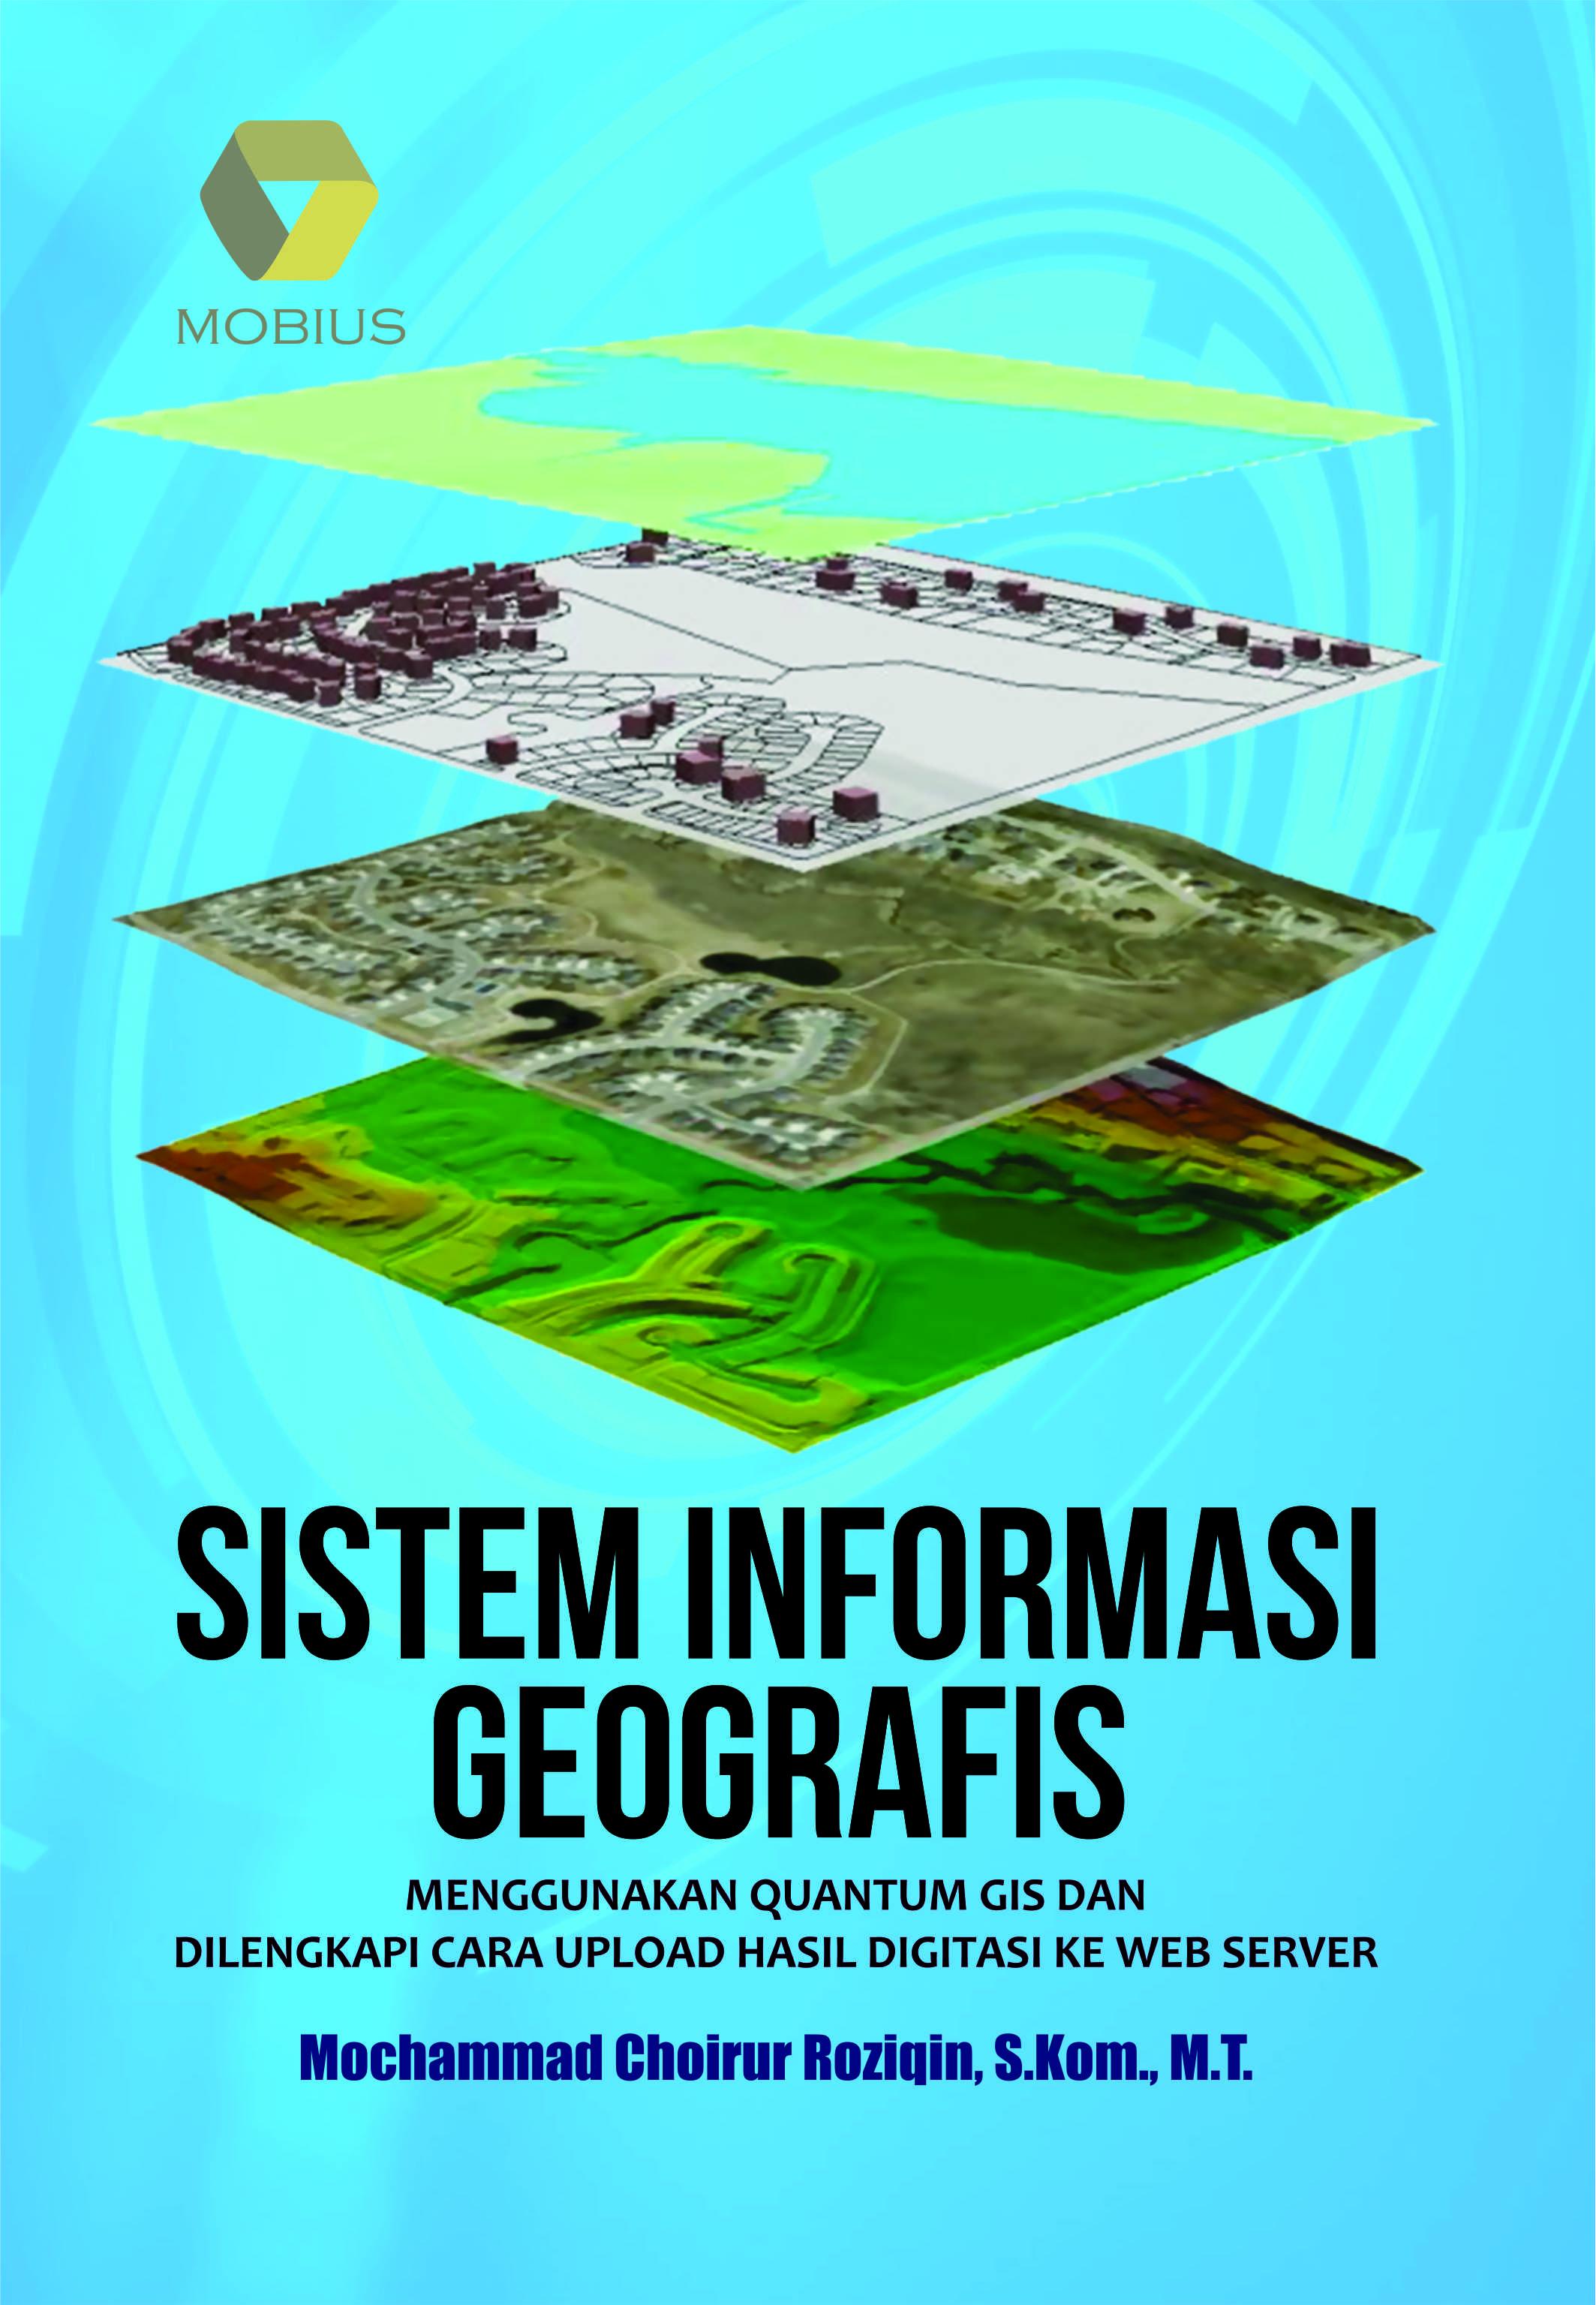 Sistem informasi geografi; menggunakan quantum gis dan cara upload hasil digitasi ke web server [sumber elektronis]